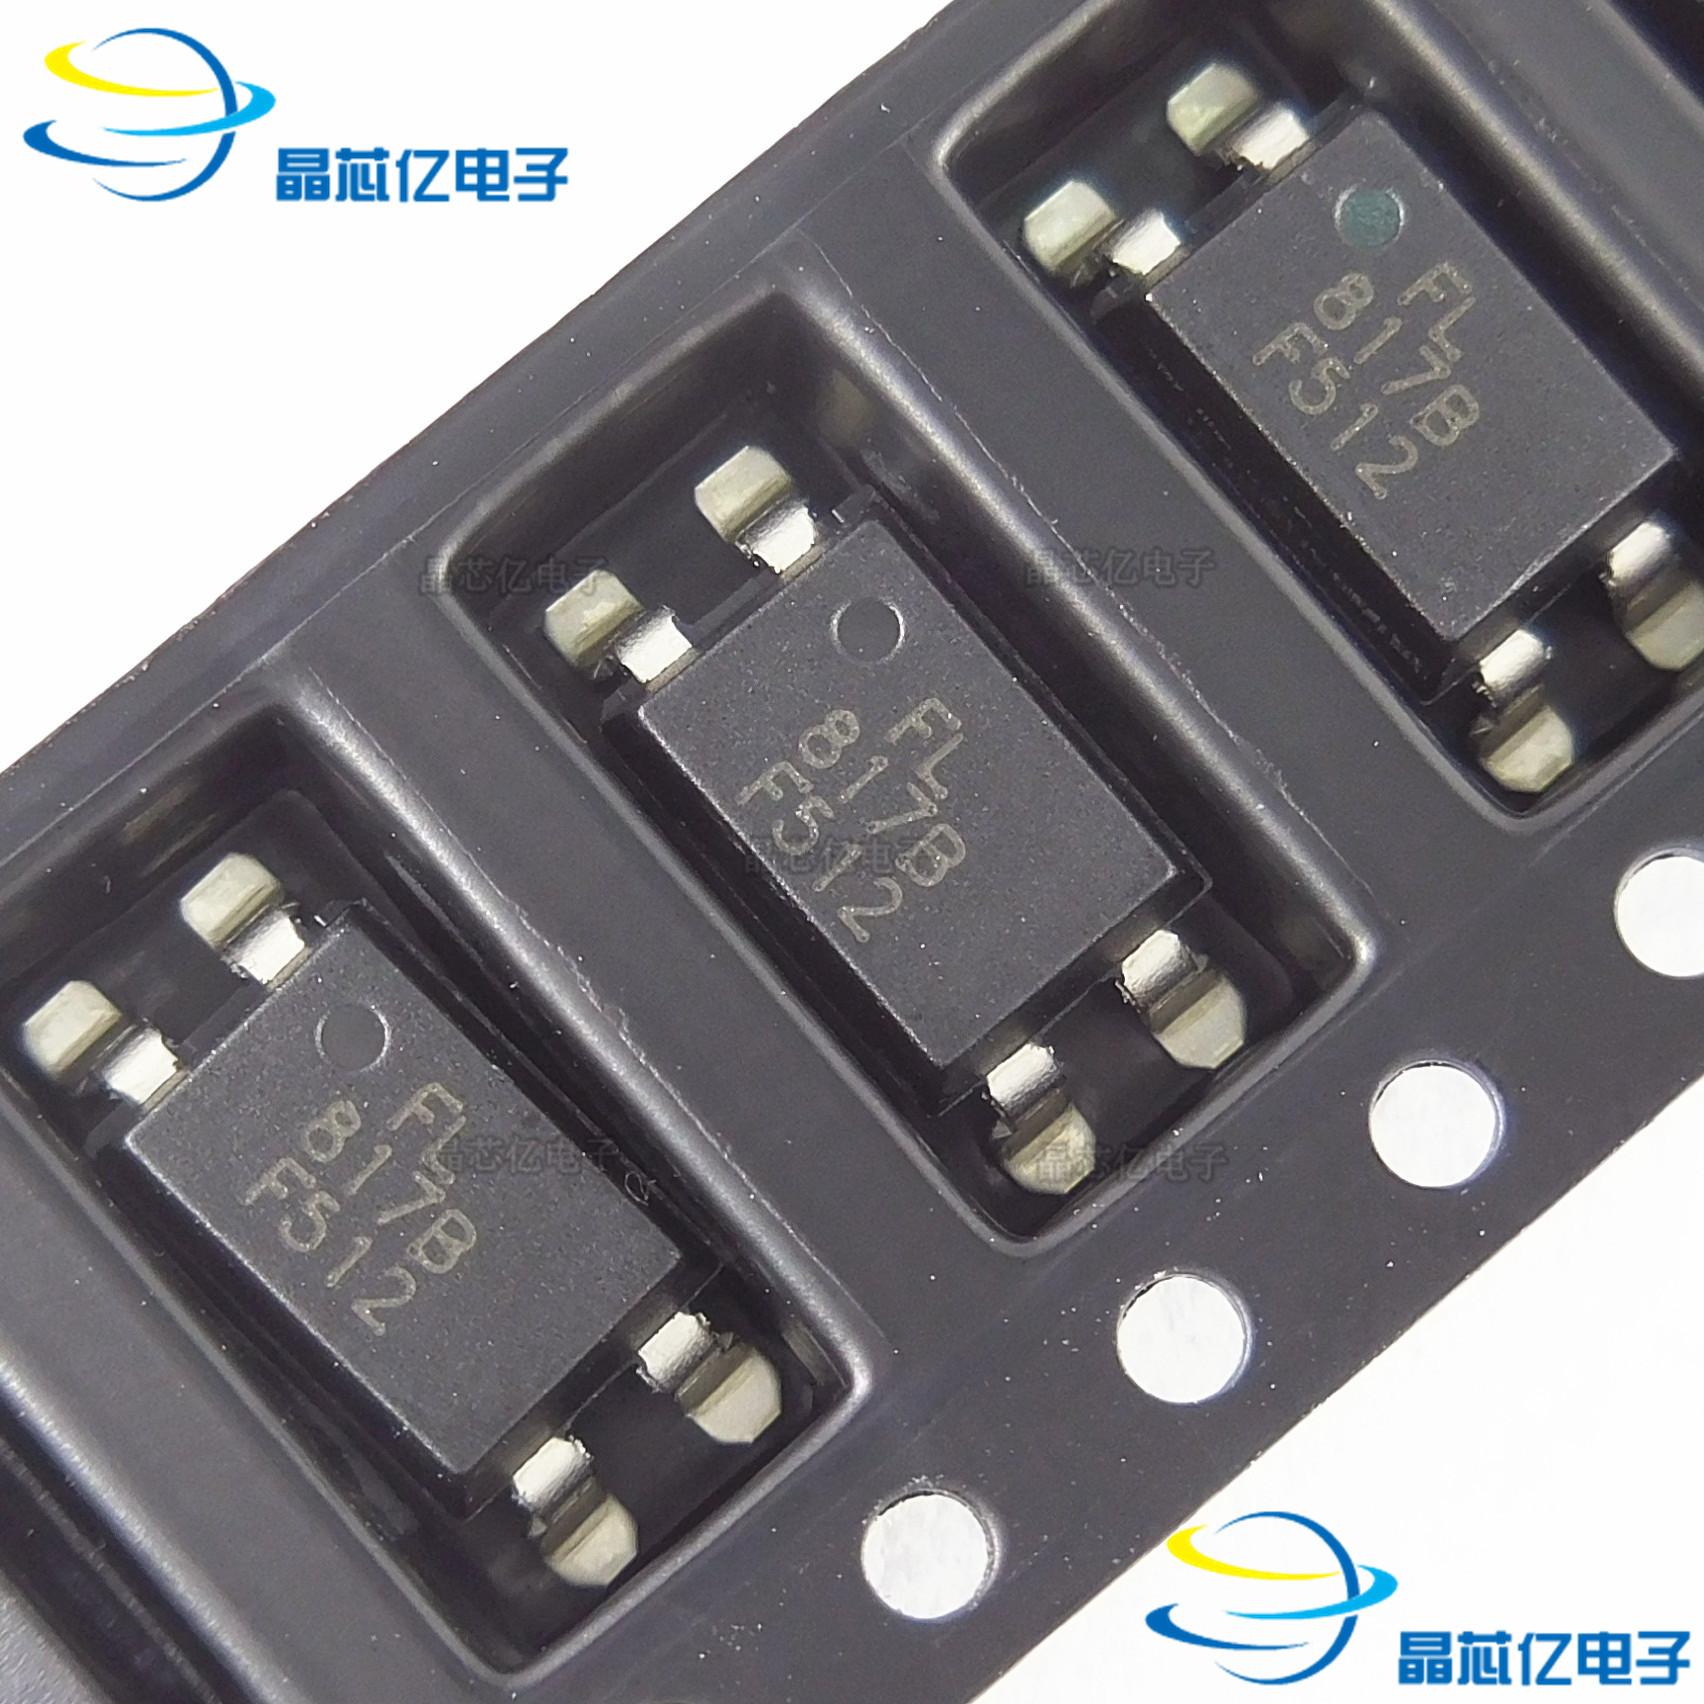 FANGJING Thiết bị điện quang FL817B Tập tin FL817 B Bộ ghép cặp quang điện tử SM-4 Đài Loan FL / Fan